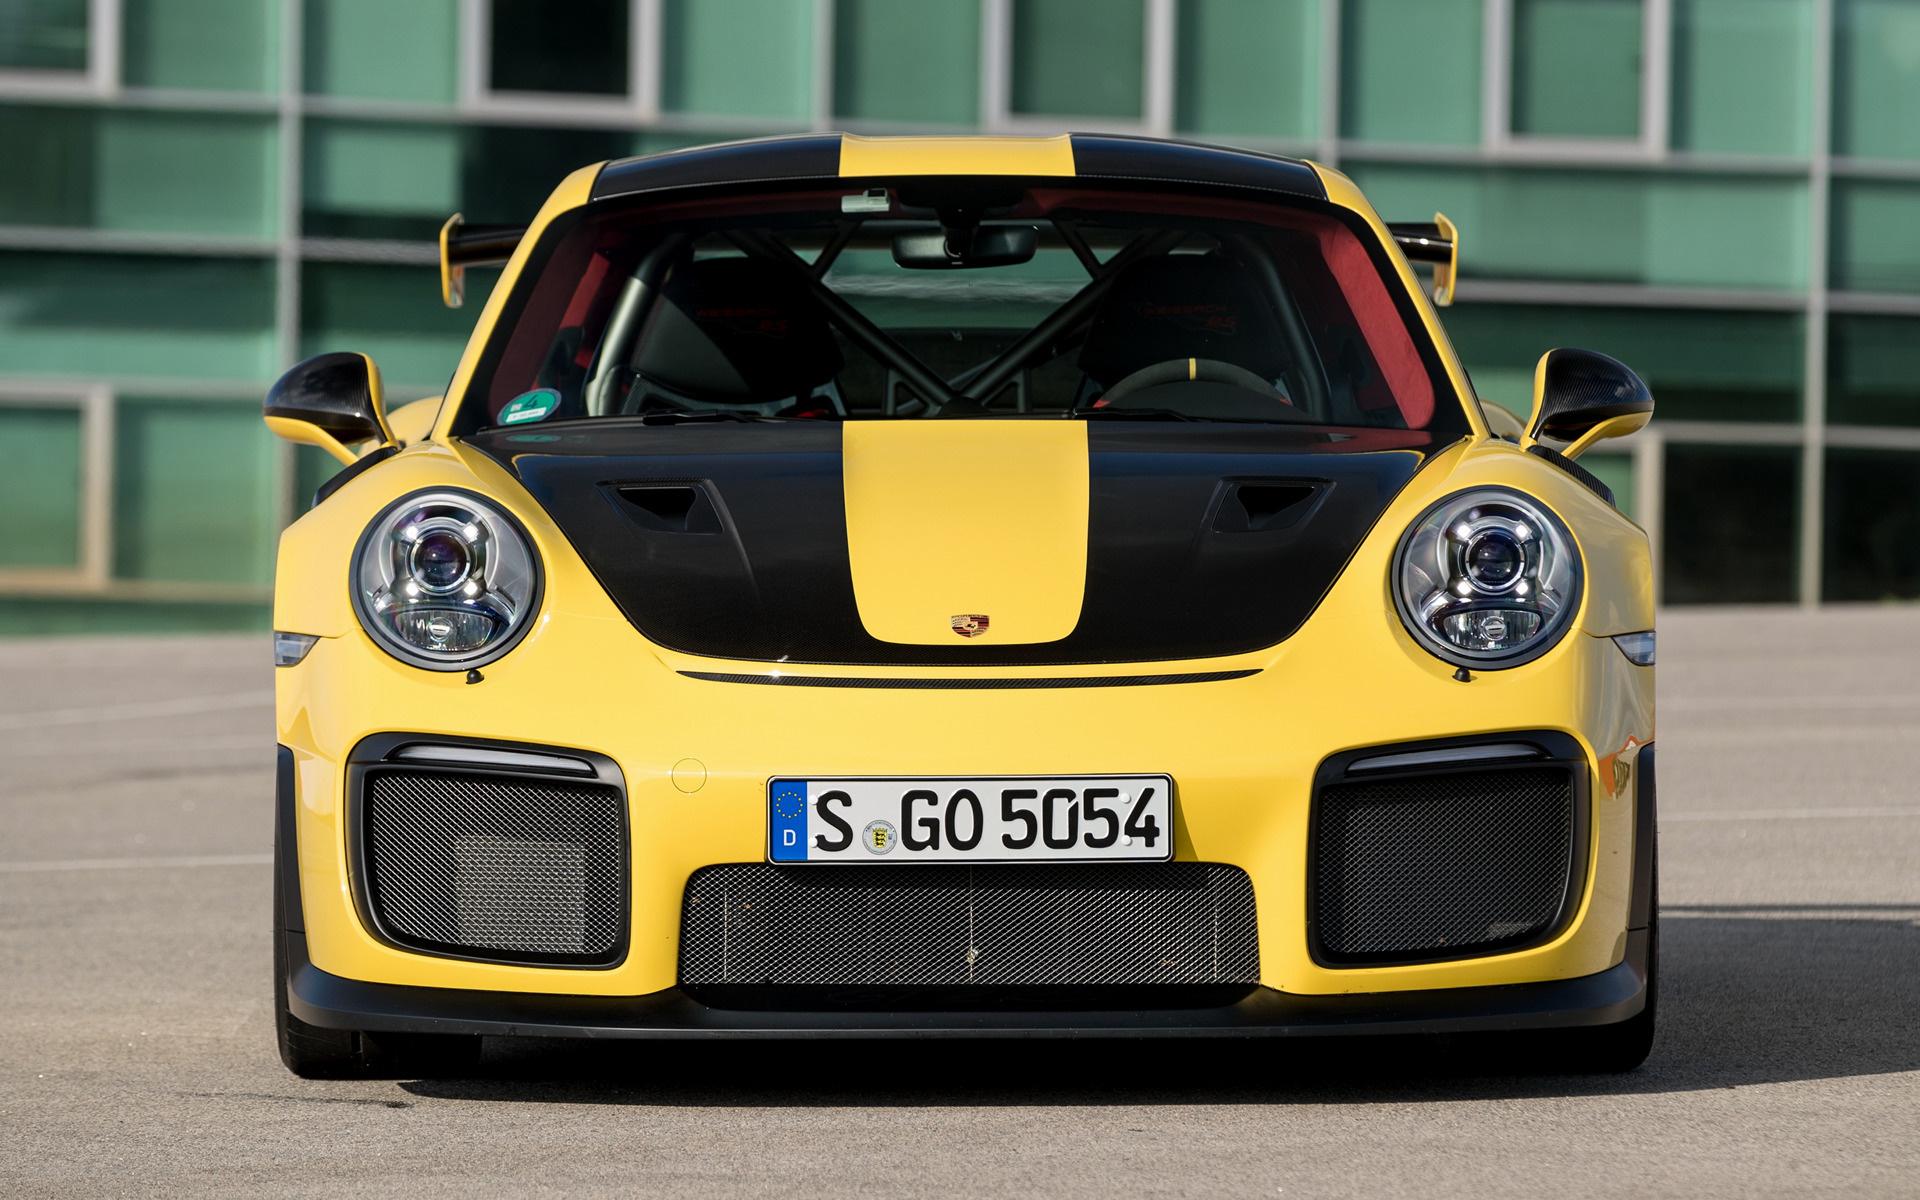 porsche-911-gt2-rs-car-wallpaper-74377 Outstanding Porsche 911 Gt2 Wheel Au Cars Trend